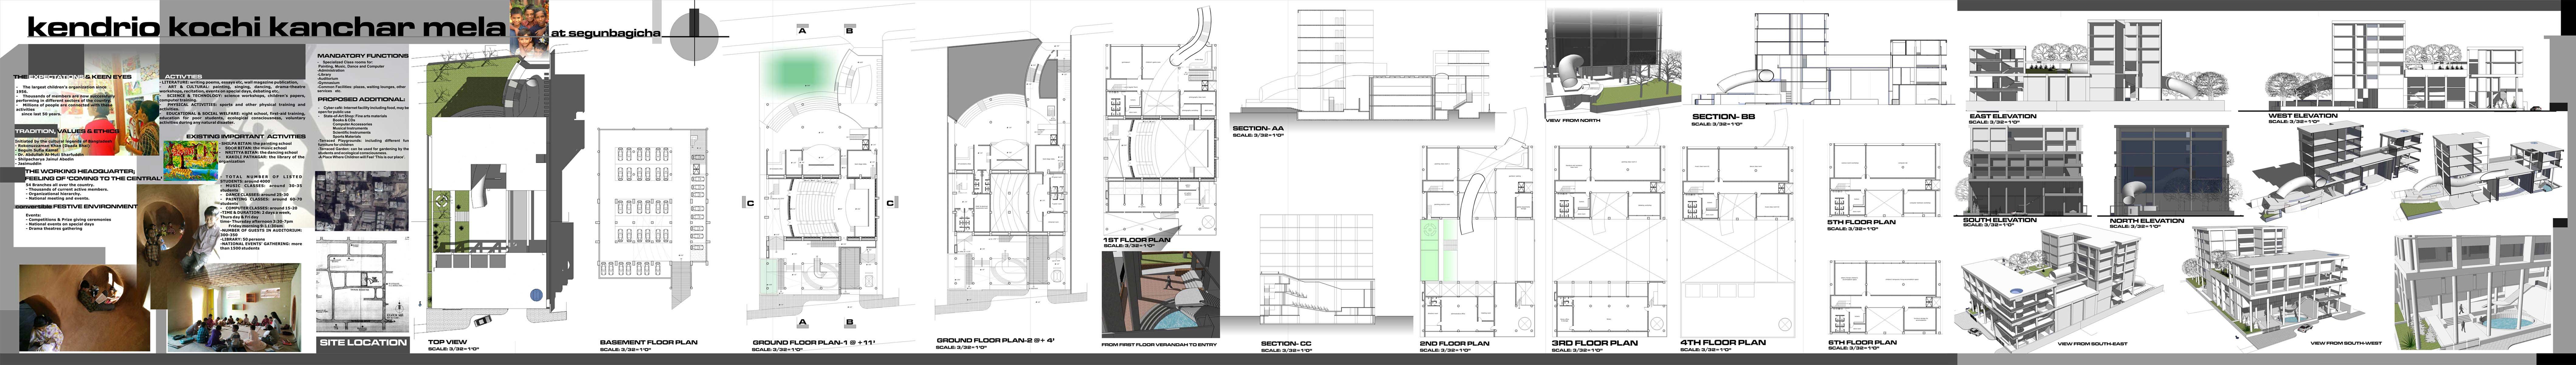 Architecture Design Presentation brilliant architecture design presentation sheets sheet inside decor